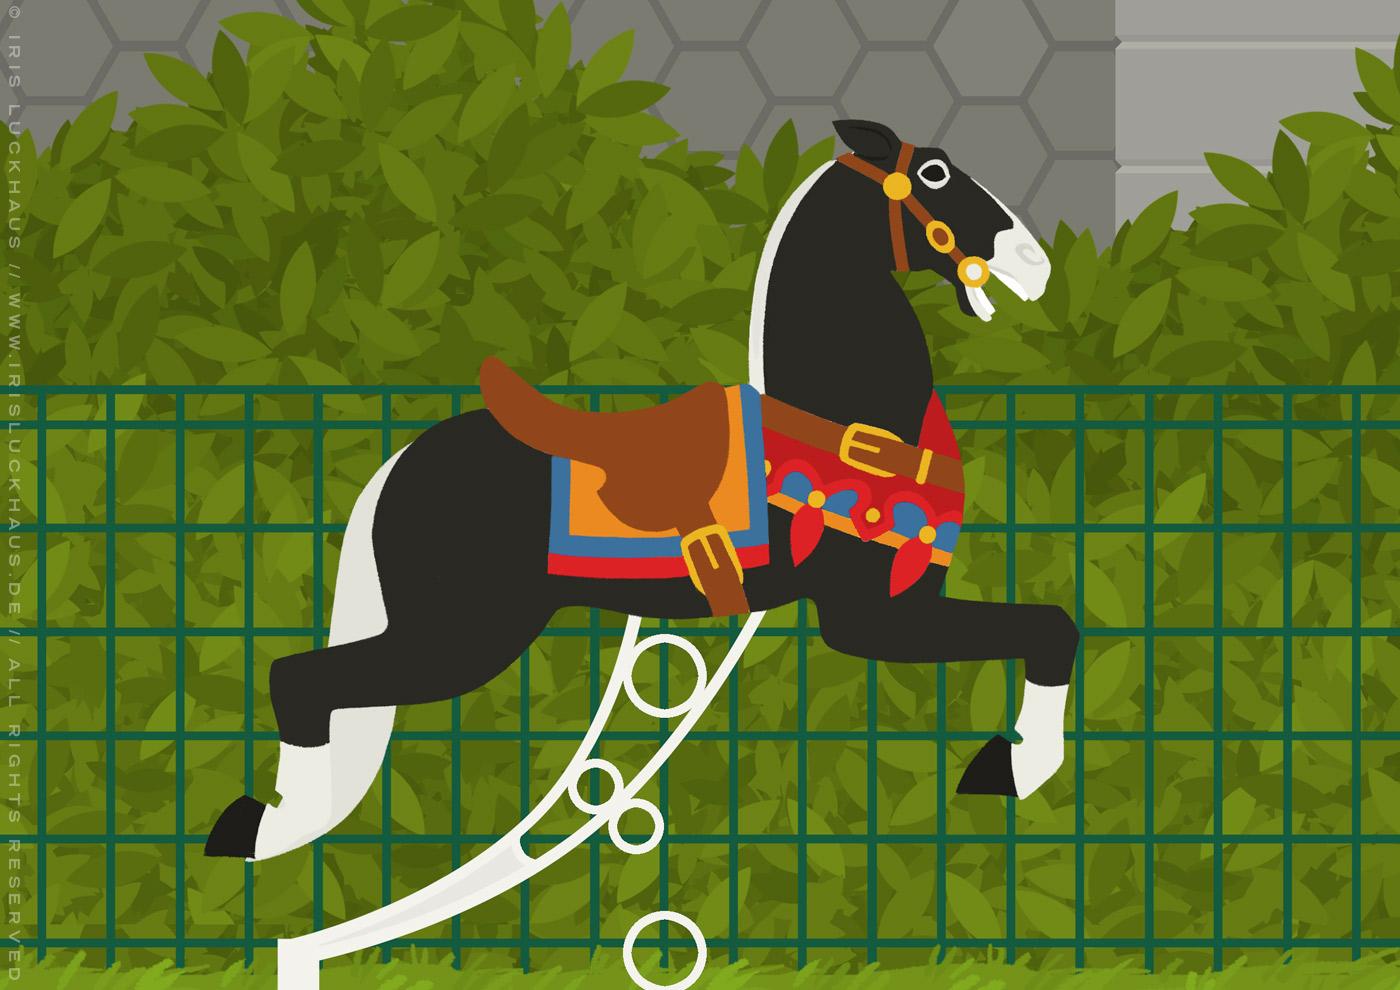 Ausschnitt aus der Zeichnung eines Karussells mit Pferdchen aus Holz am Montmarte in Paris